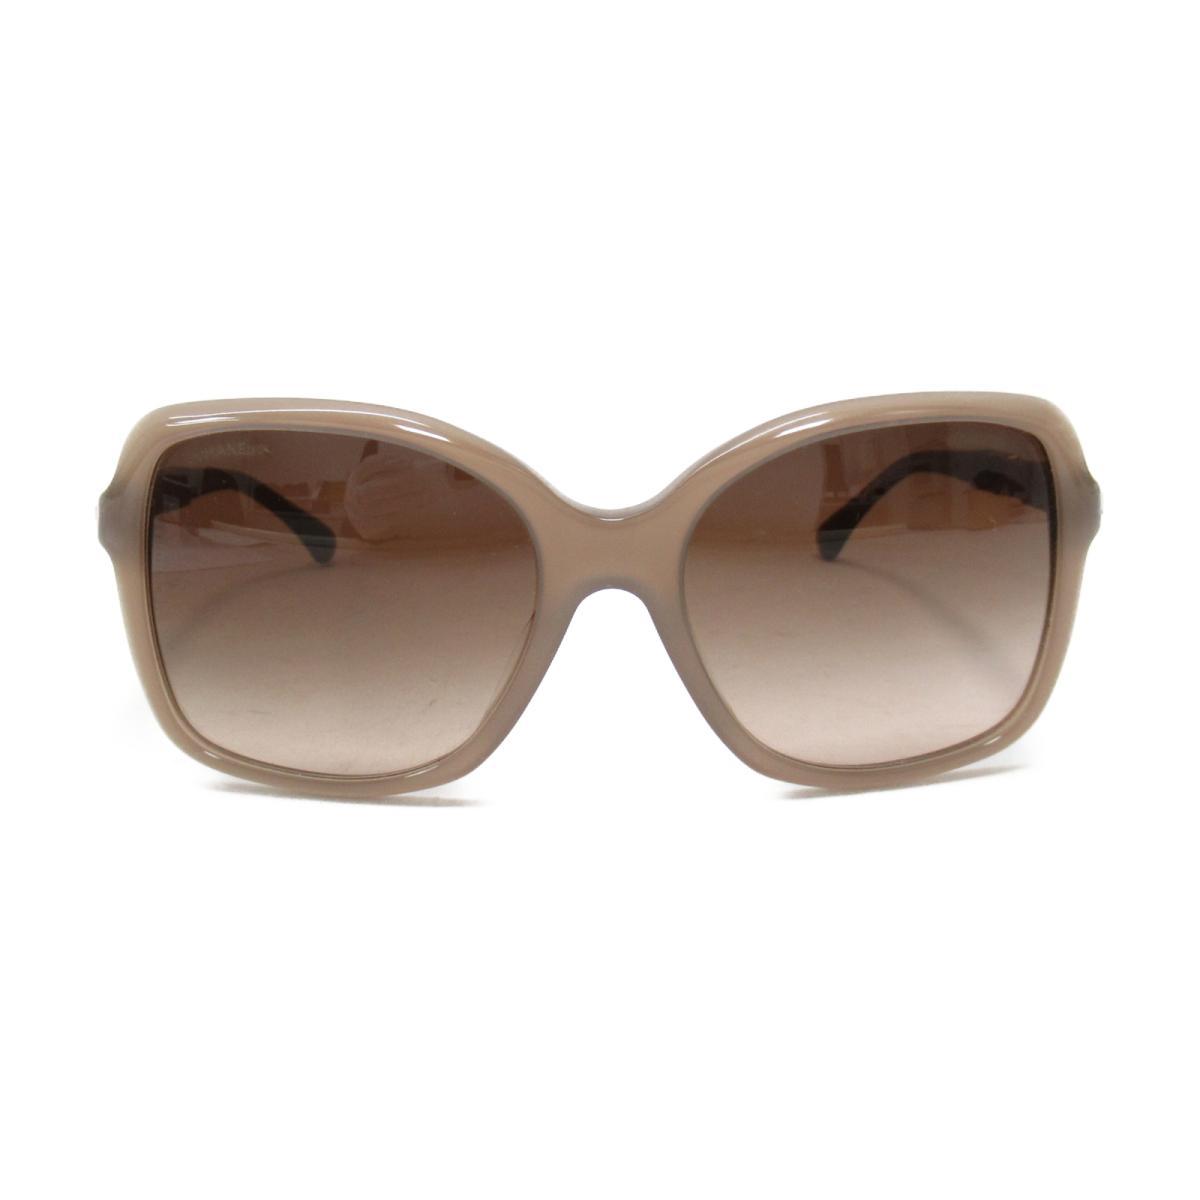 シャネル サングラス アクセサリー レディース プラスチック ブラウン系 (5308-B-A c.1416/S5) 【中古】   CHANEL BRANDOFF ブランドオフ ブランド ブランド雑貨 小物 雑貨 眼鏡 メガネ めがね